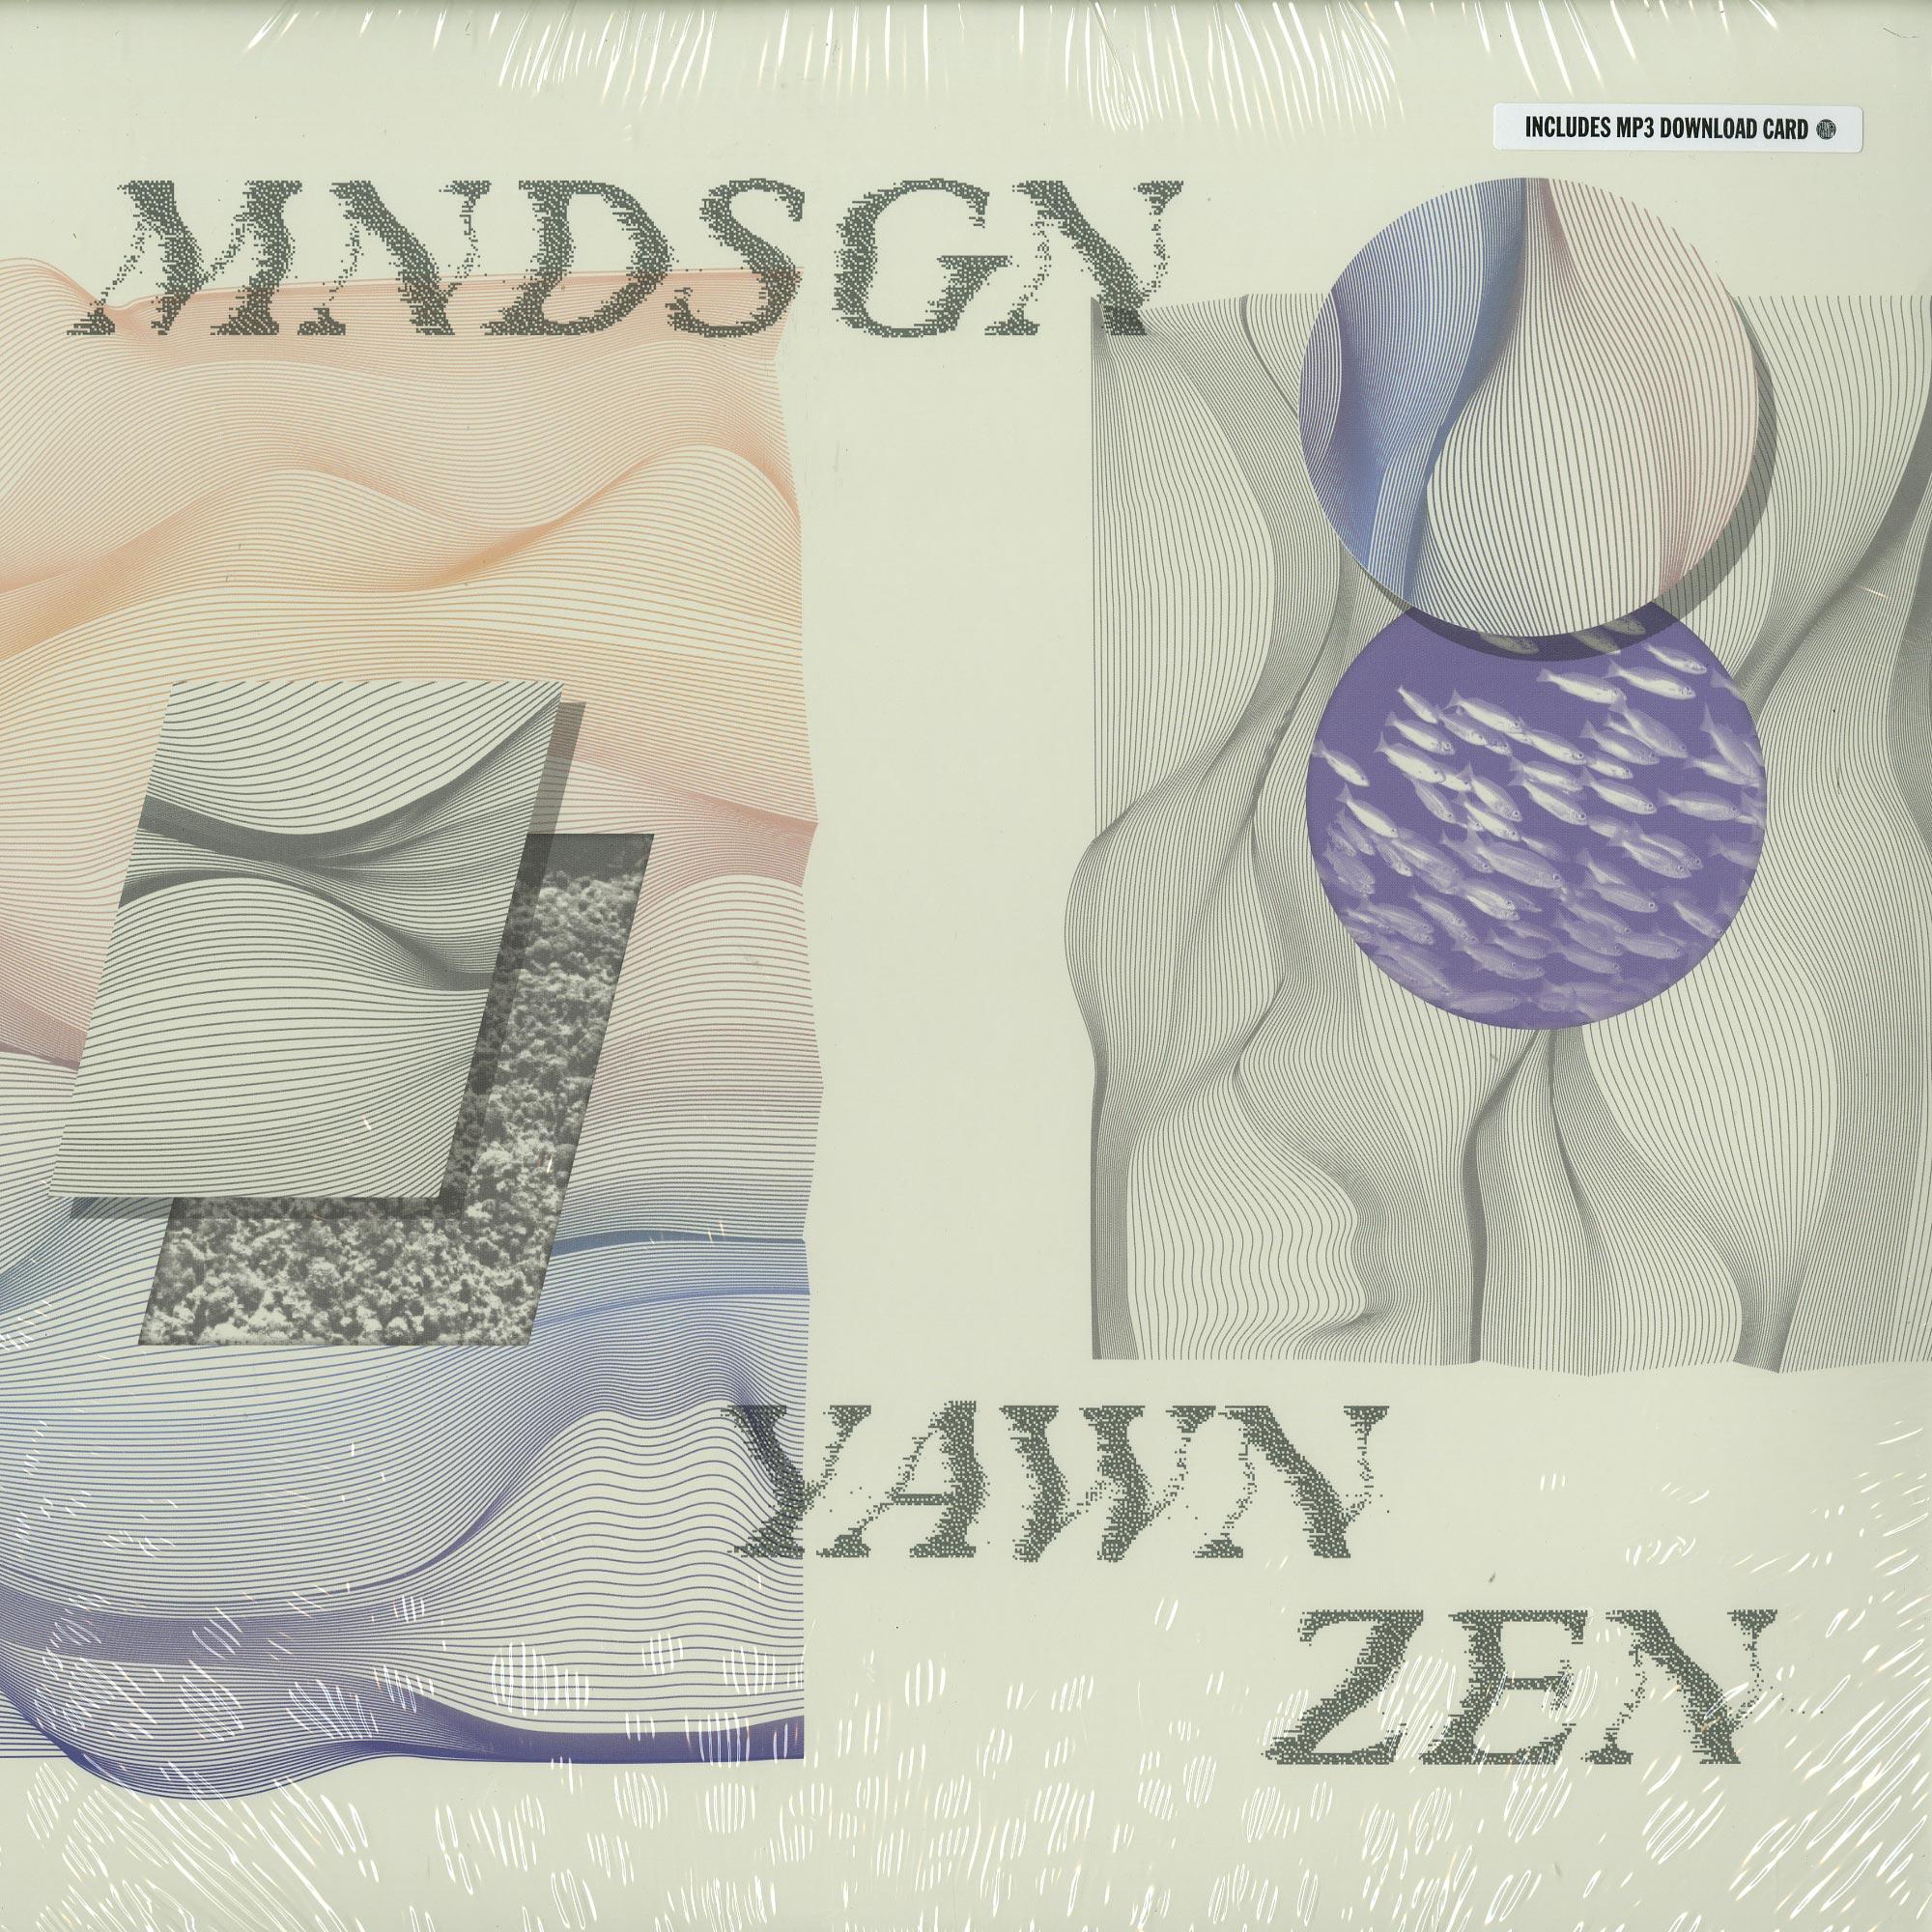 Mndsgn - YAWN ZEN